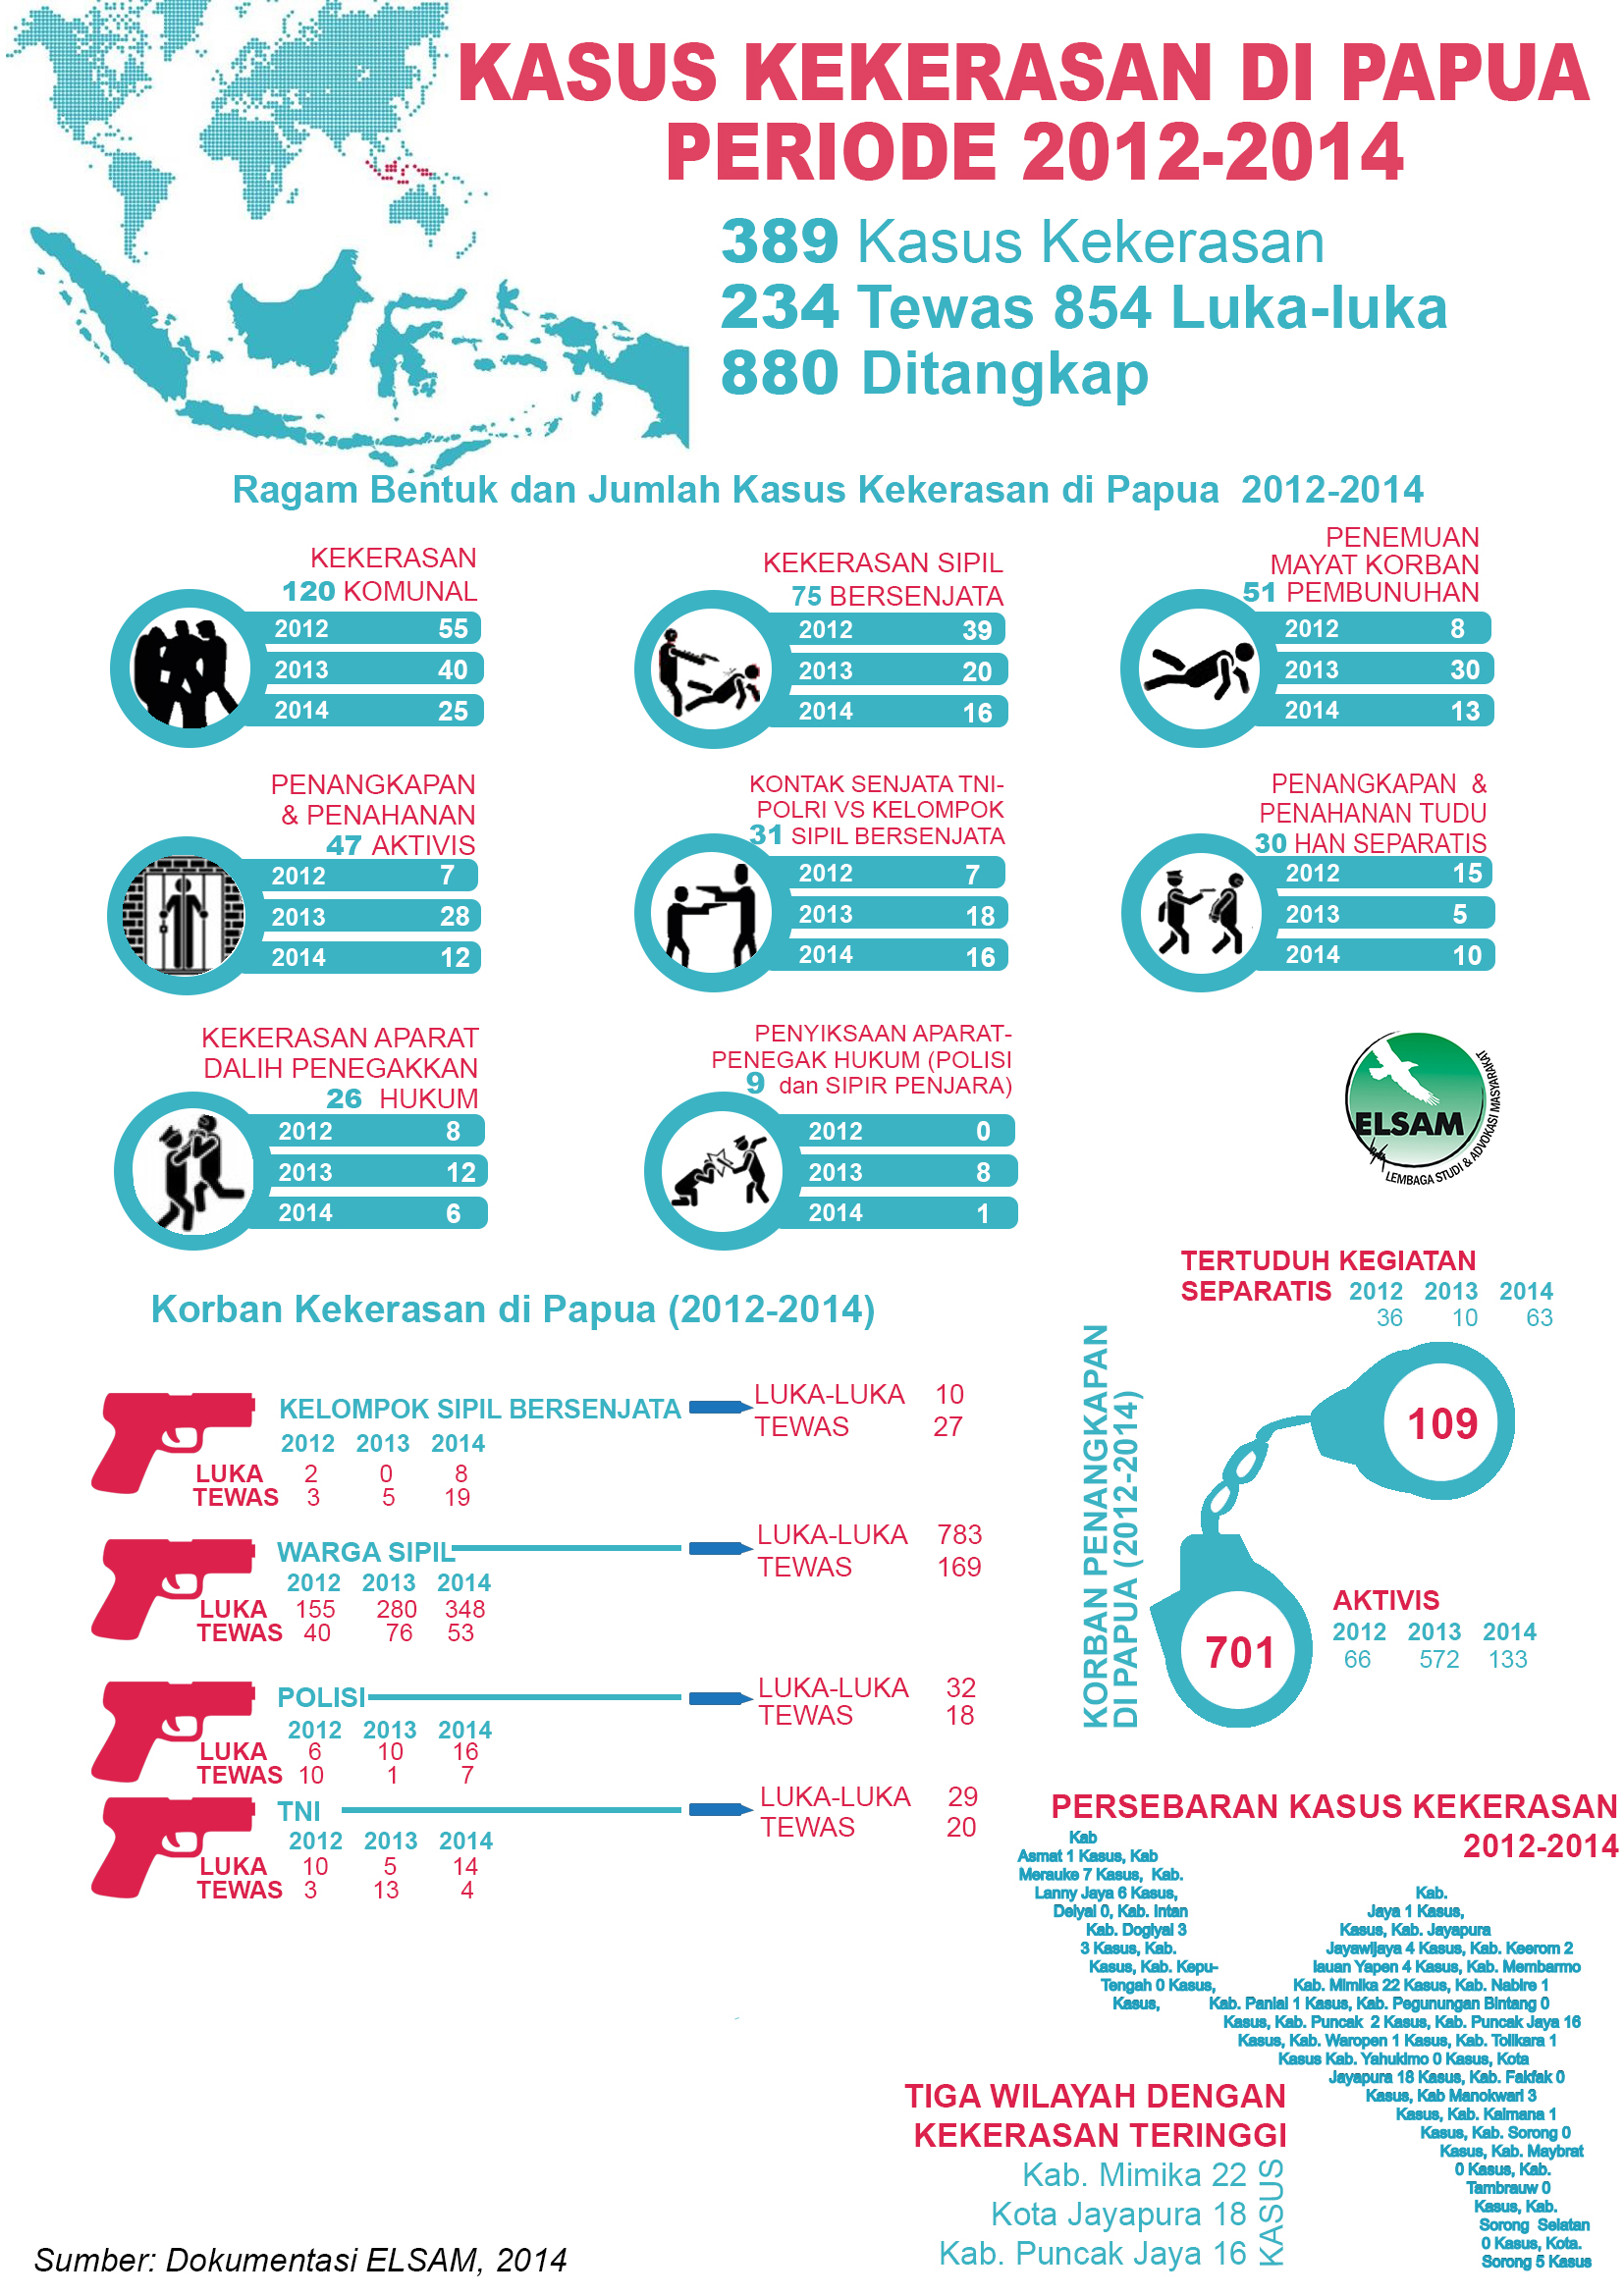 kekerasan_Papua_2012-2014_infografis